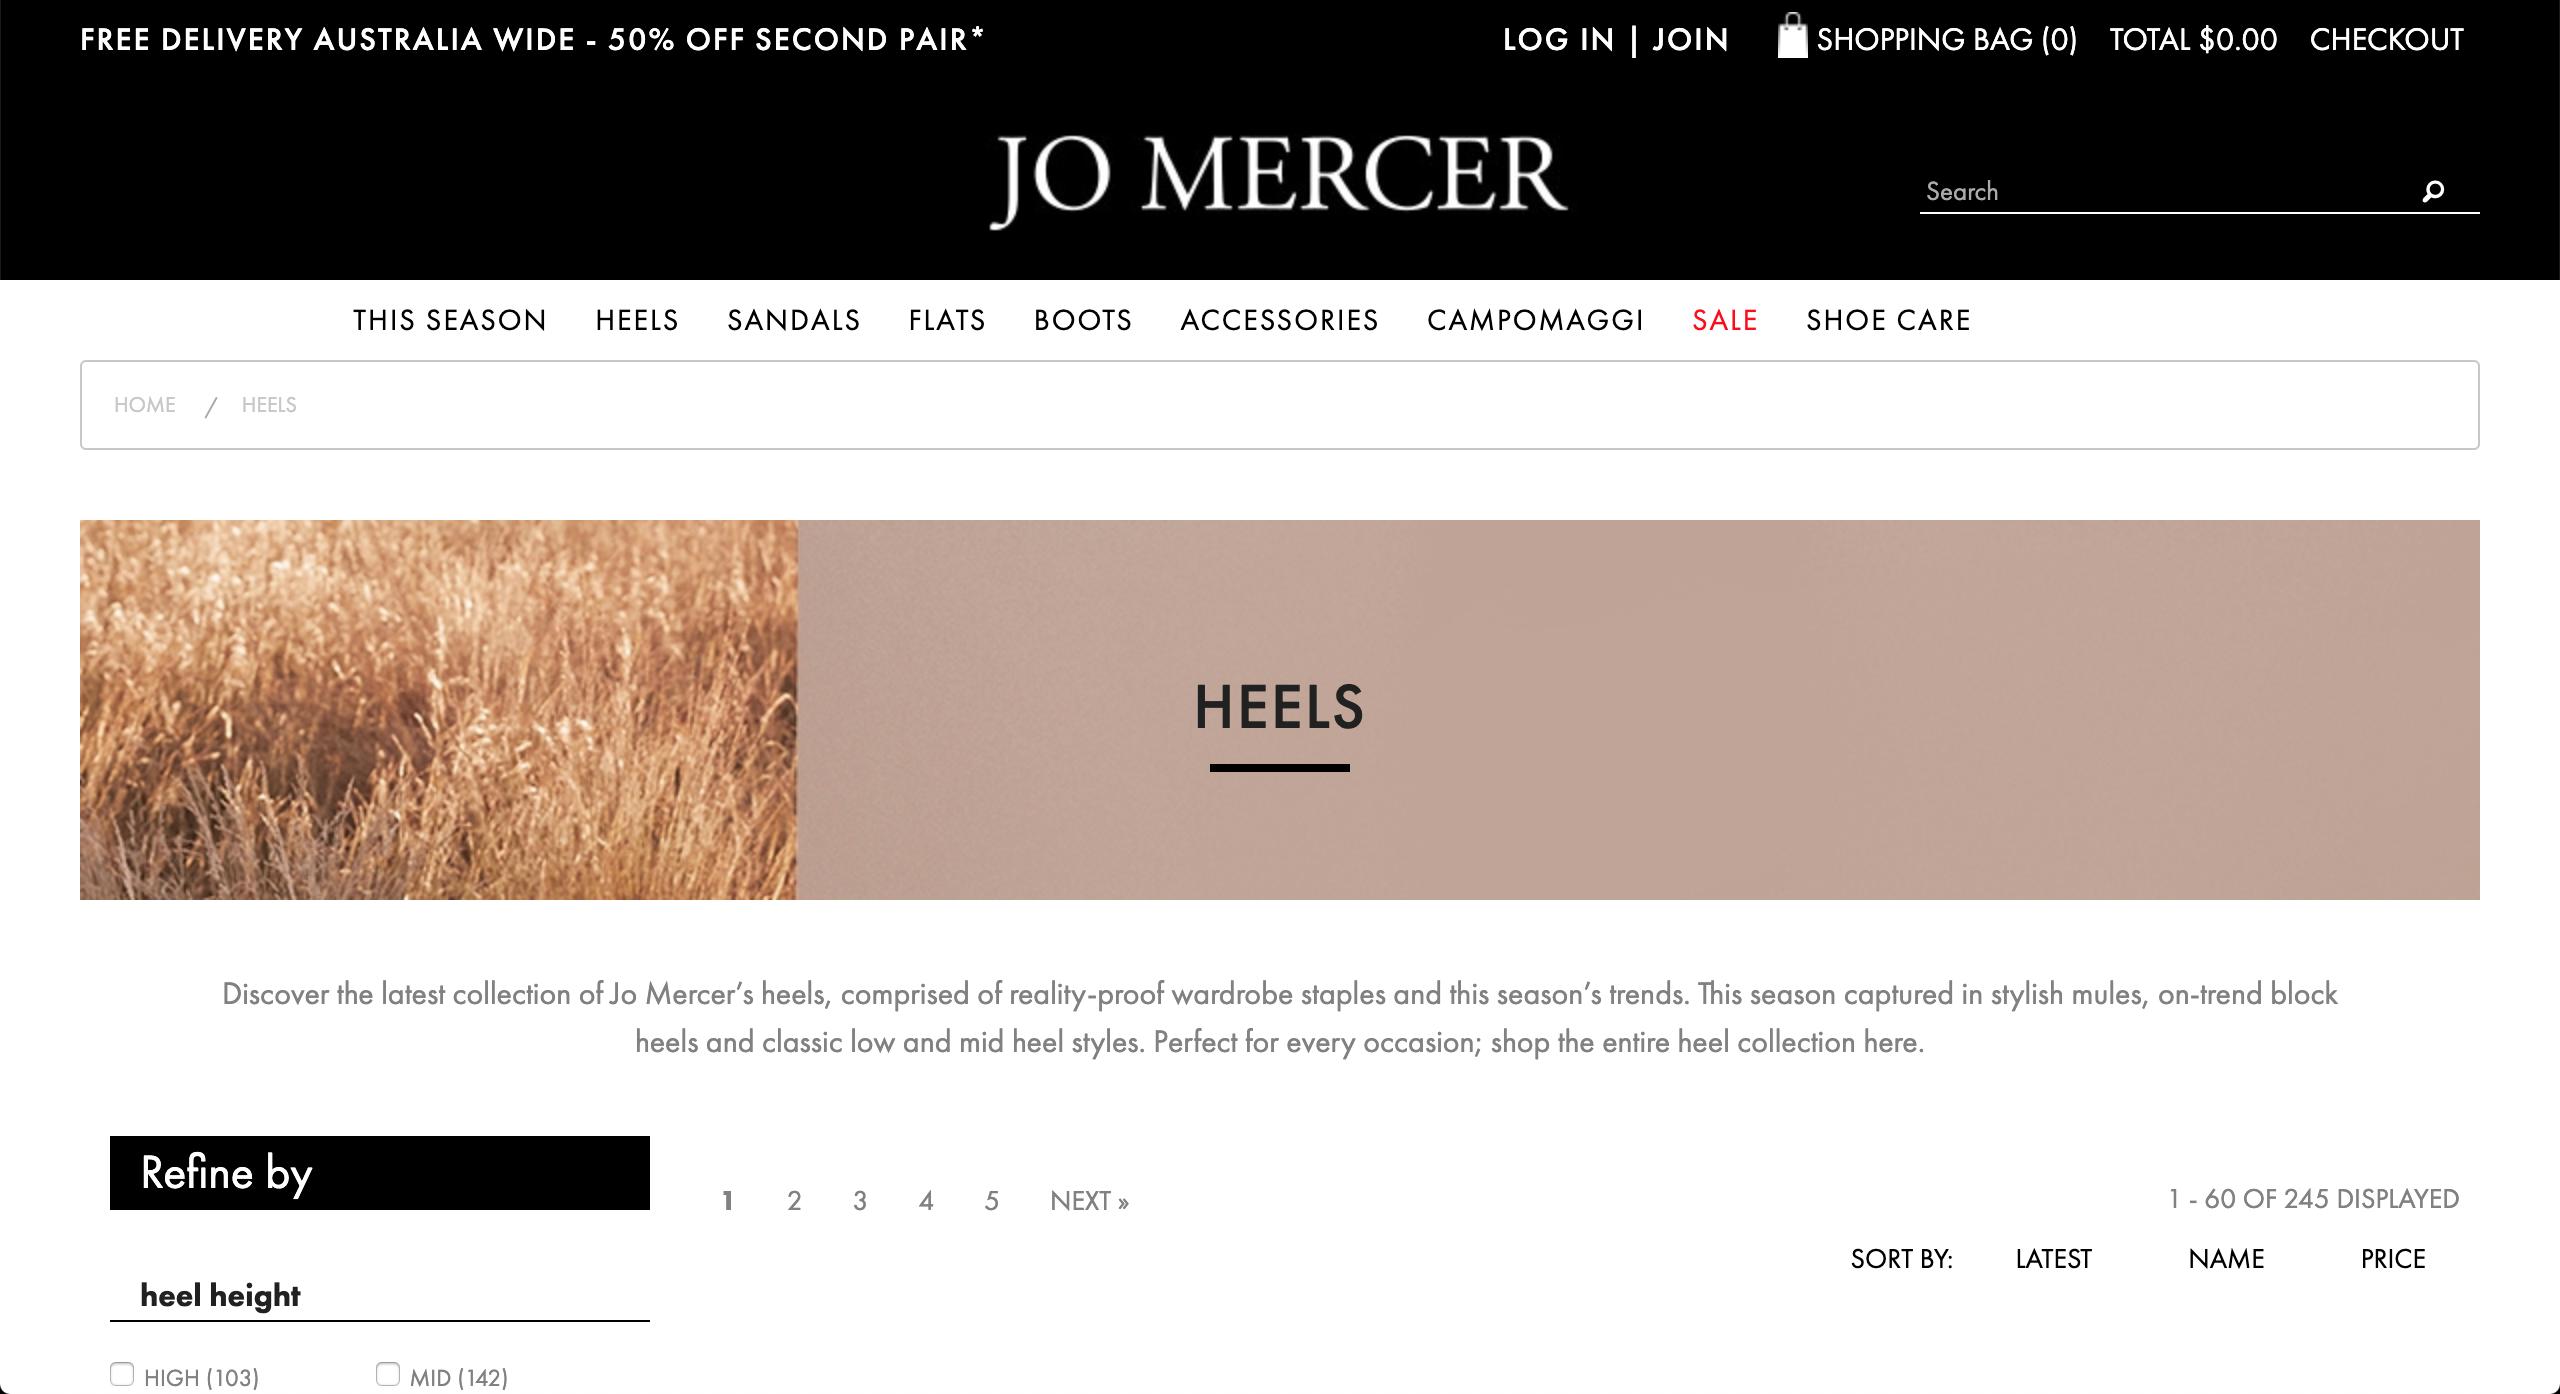 Jo Mercer heels page